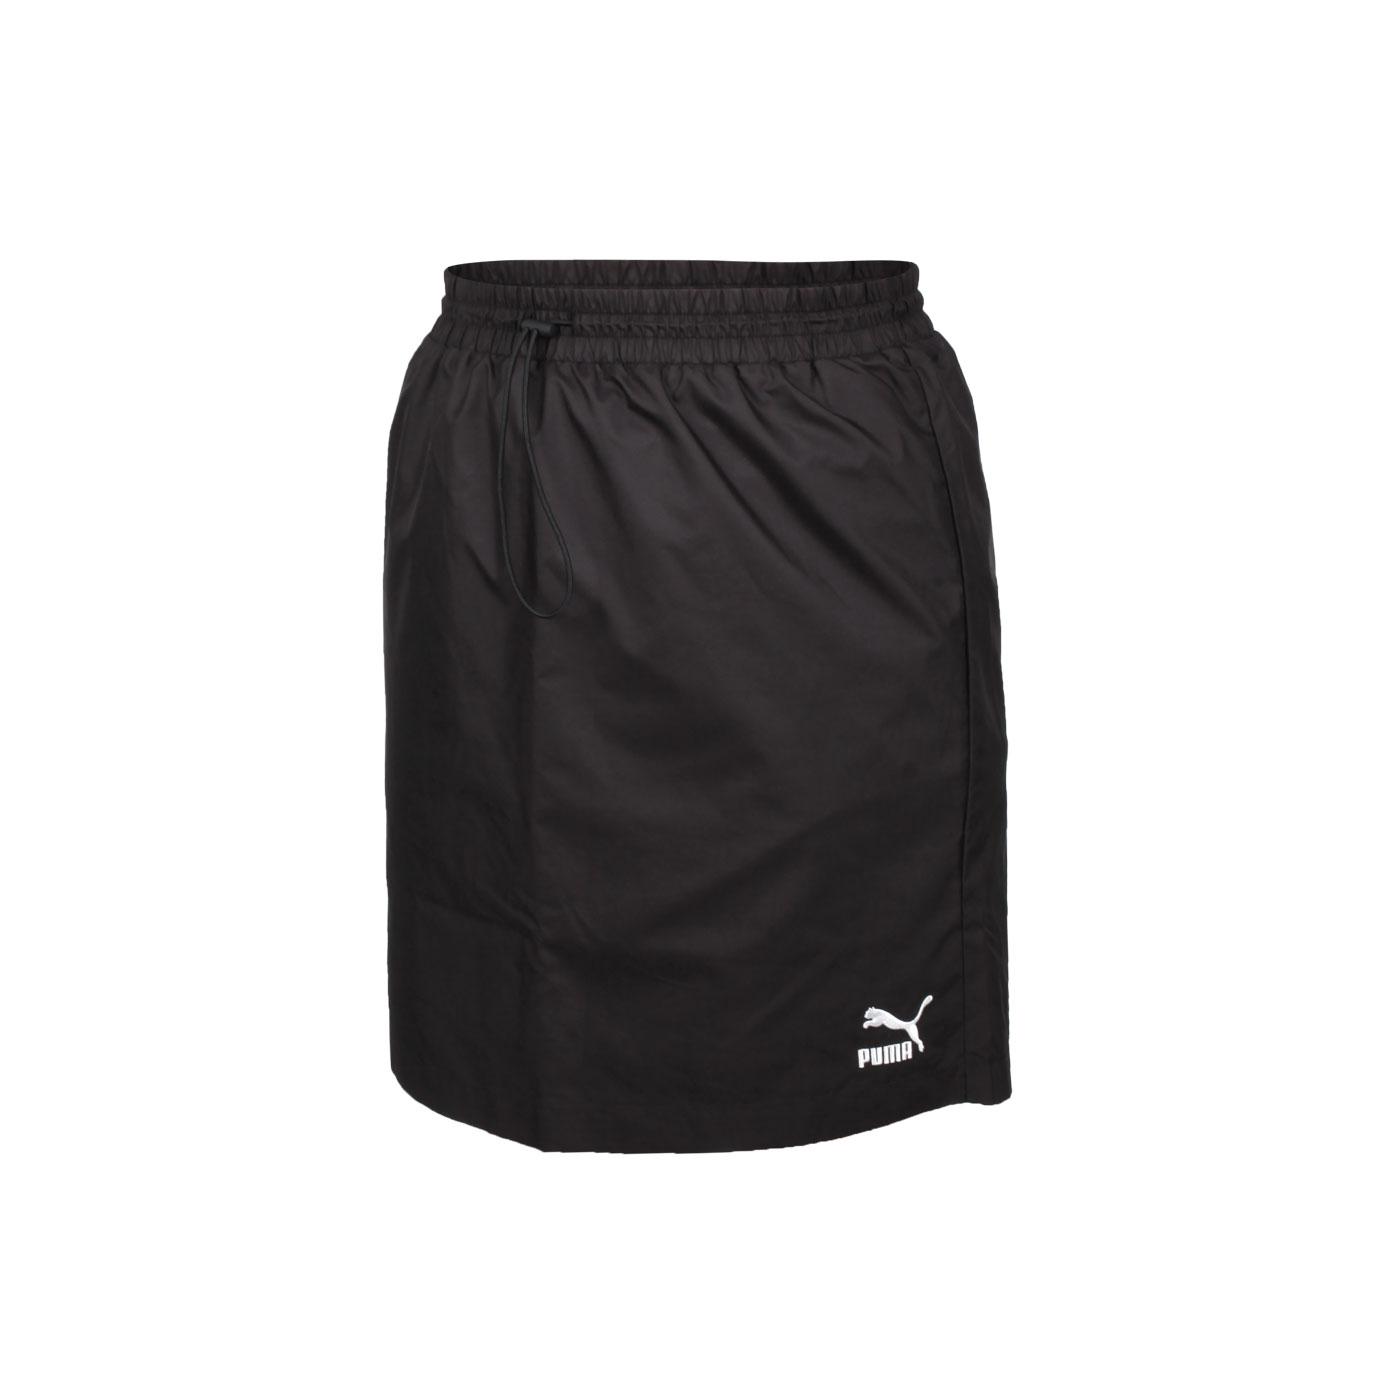 PUMA 女款流行系列Classics短風裙 59861701 - 黑白